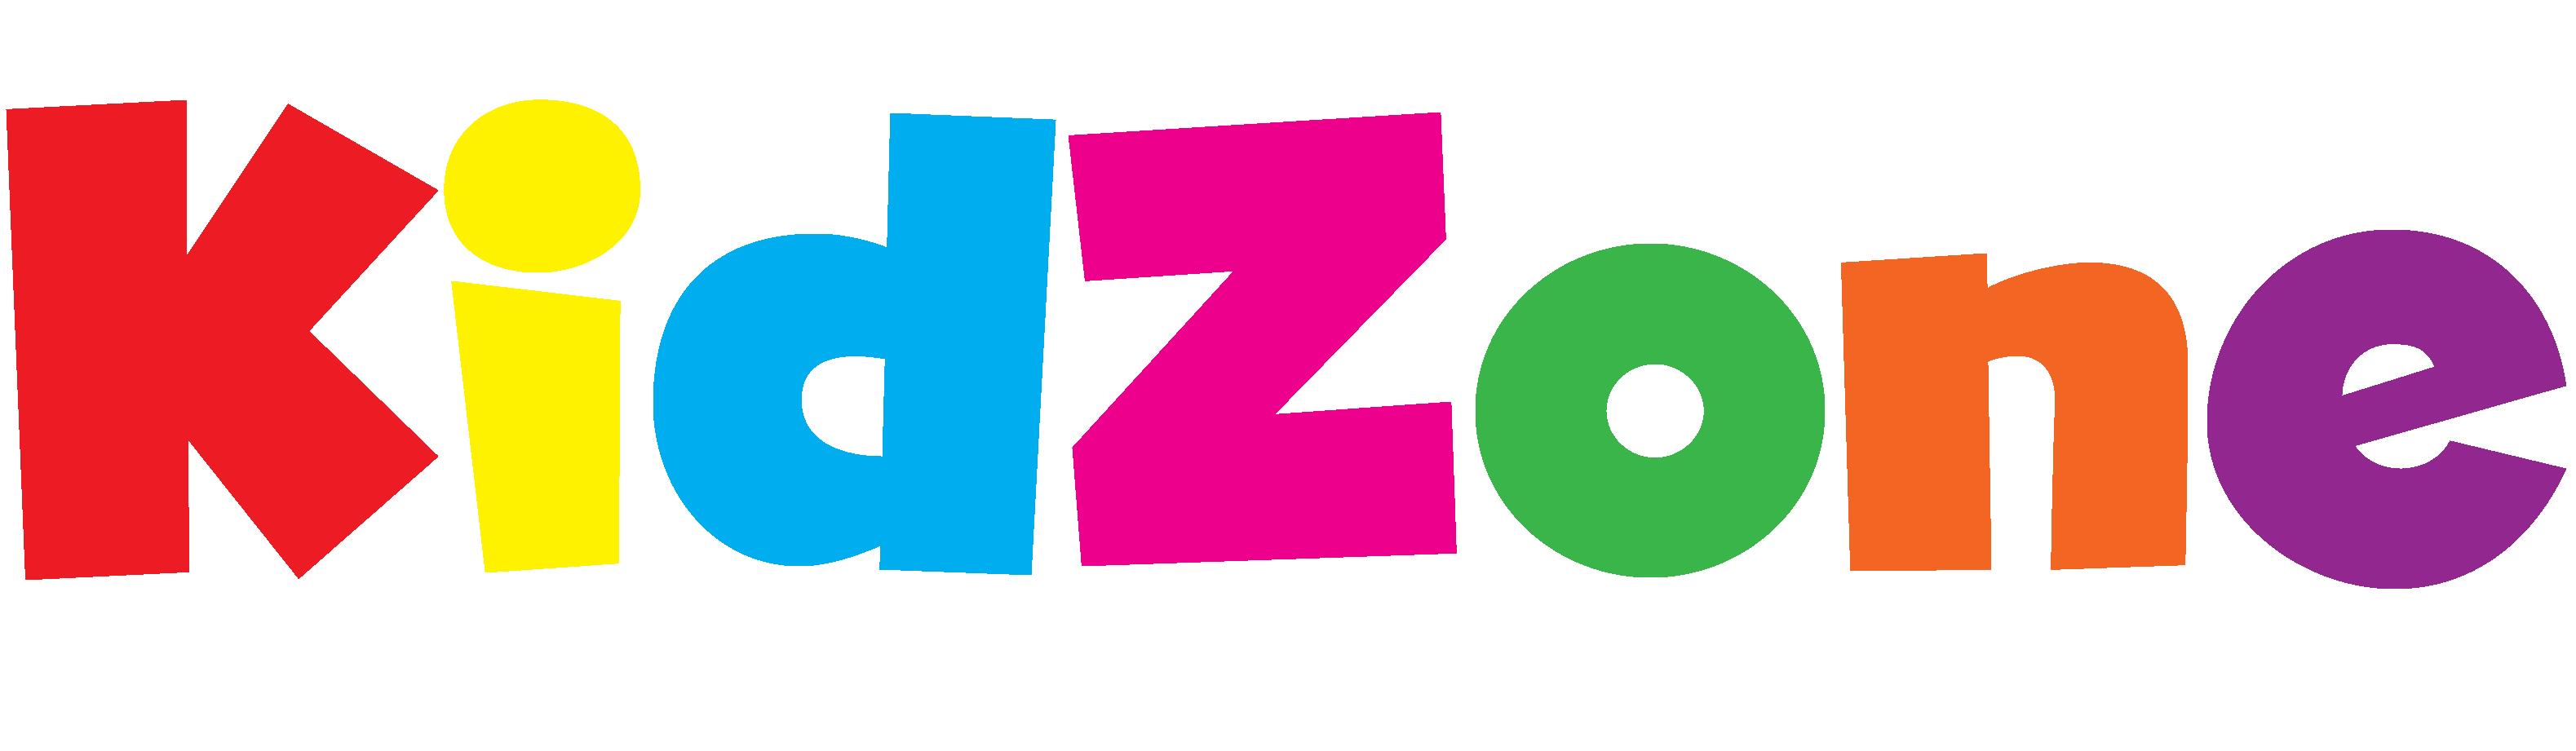 Kidzone clipart image stock Children « image stock